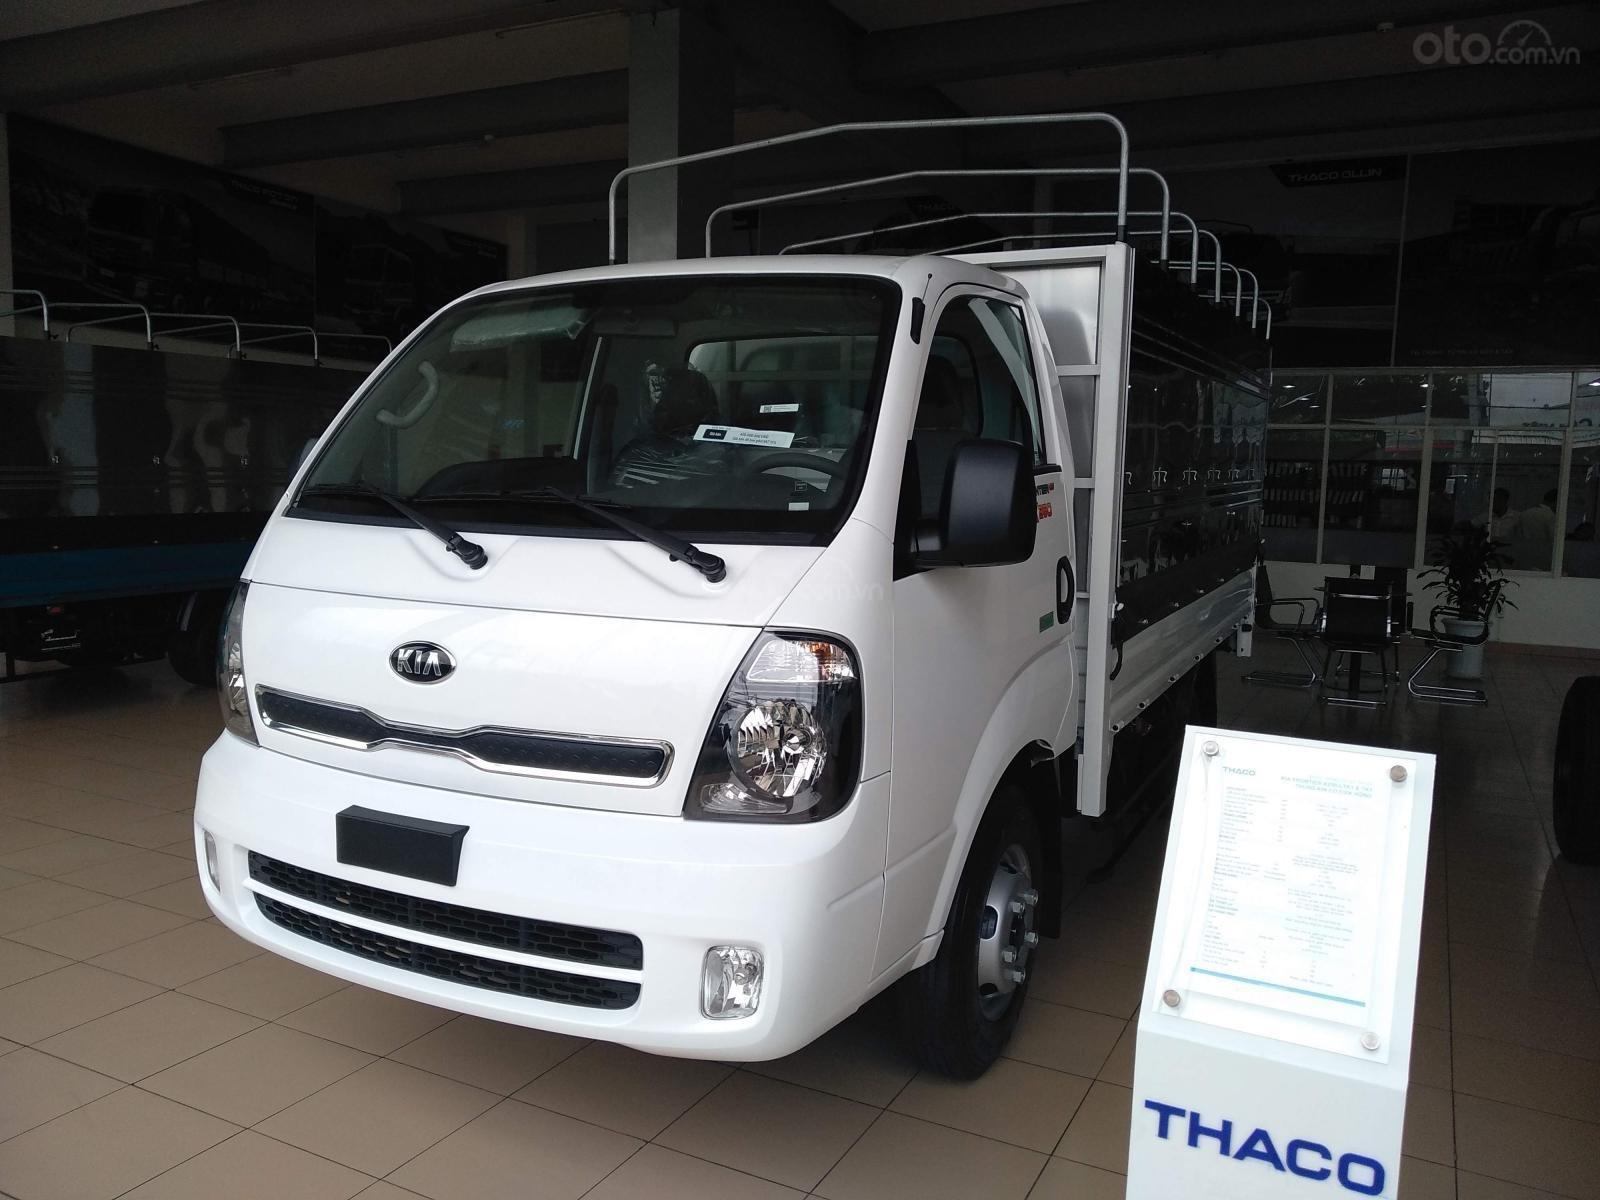 Bán xe tải Kia K250 tải trọng (1,49 tấn-2,49 tấn), thùng dài 3,5 mét, thủ tục vay nhanh gọn (1)